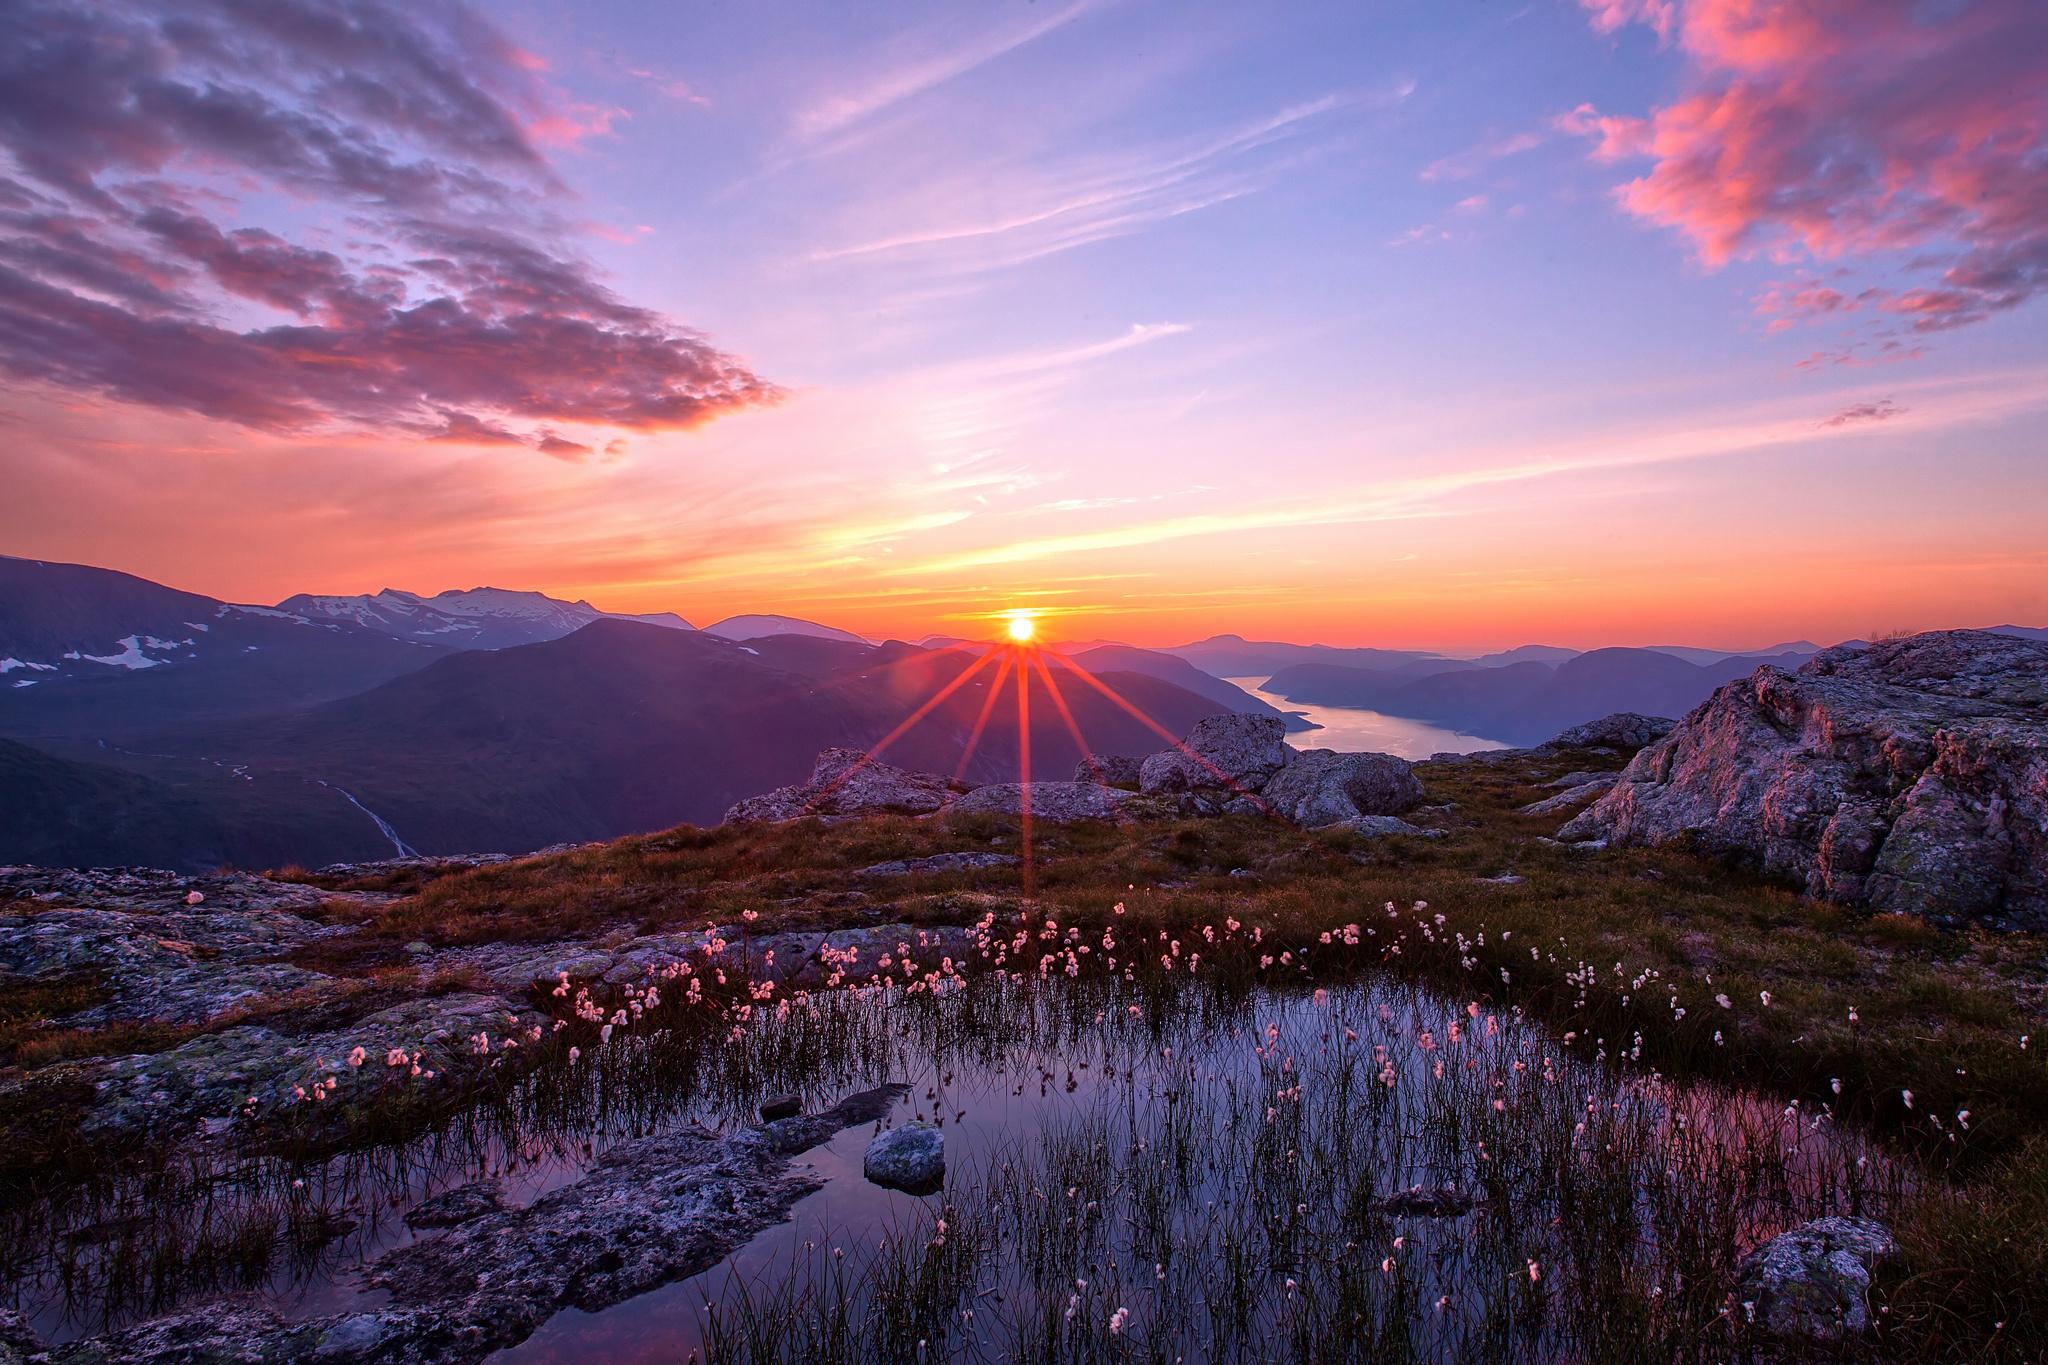 закат природа небо бесплатно